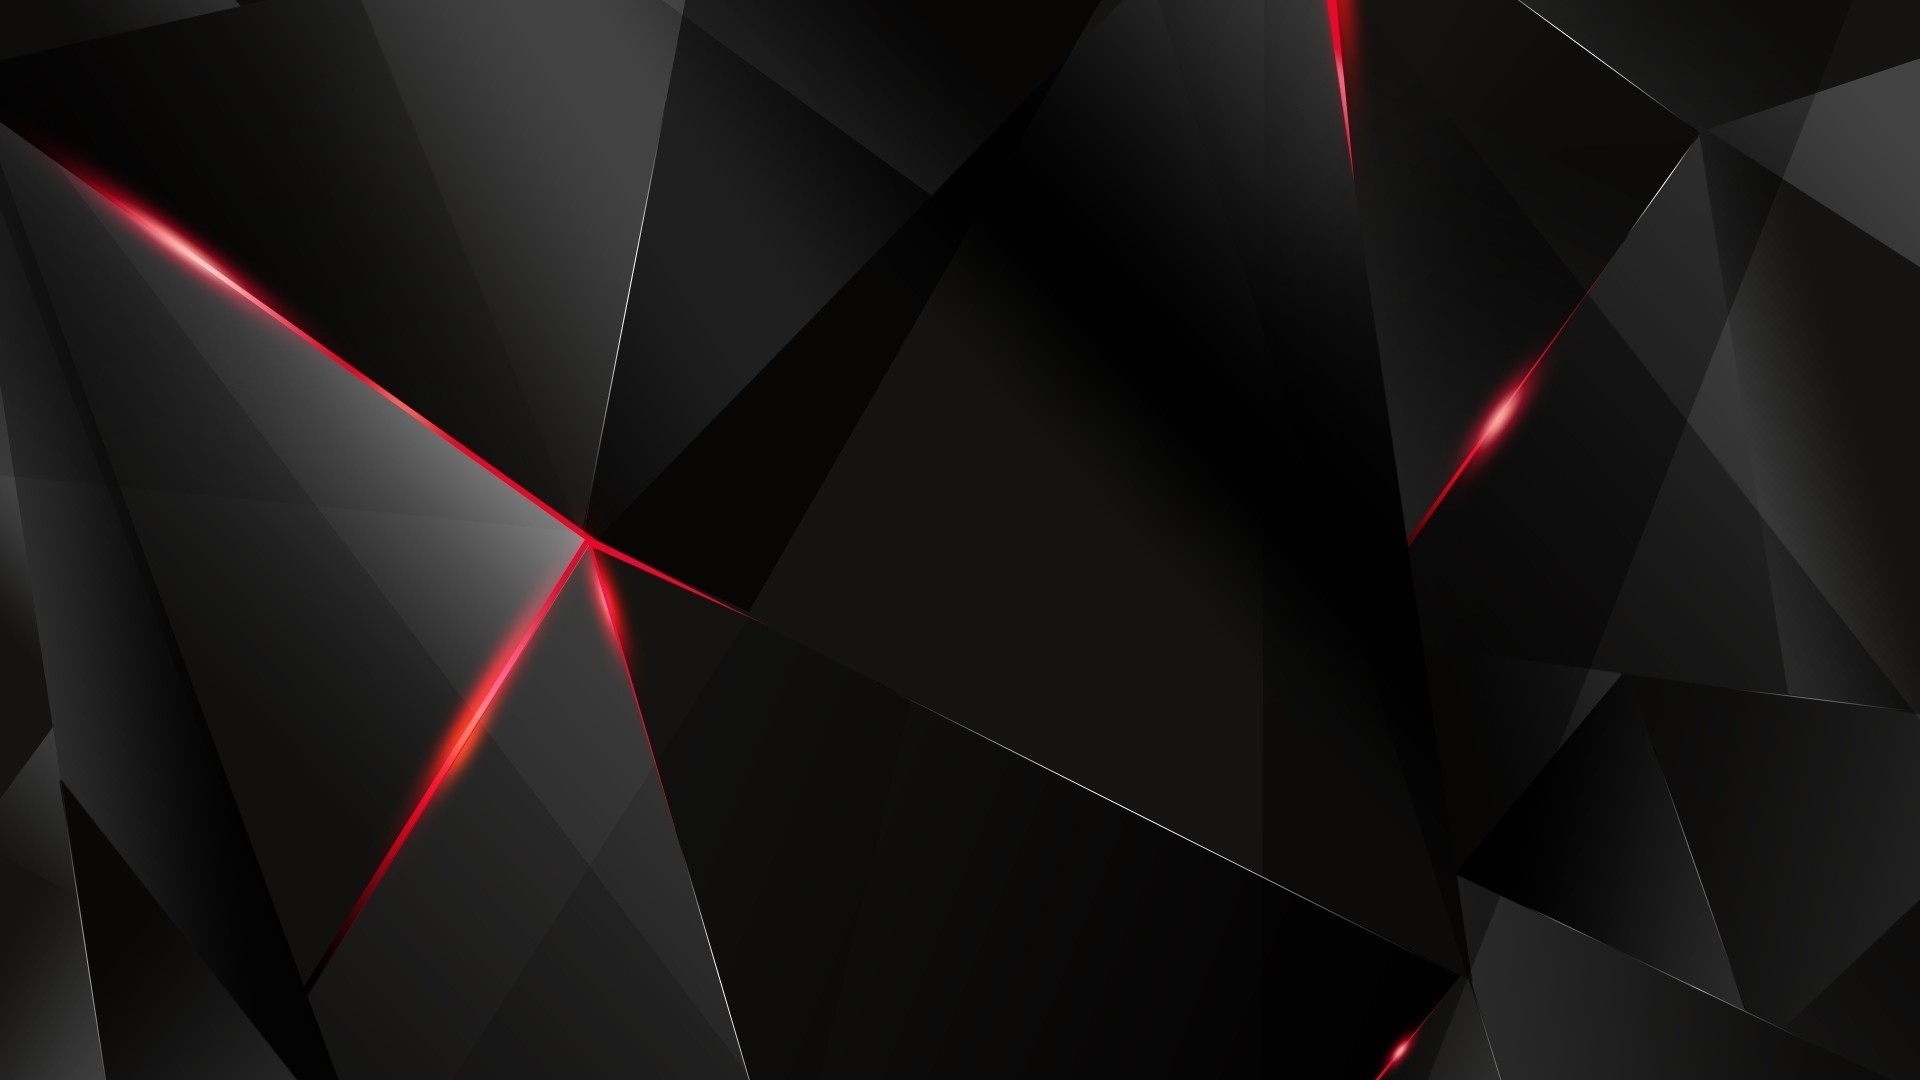 Hình nền đen đẹp nhất cho máy tính